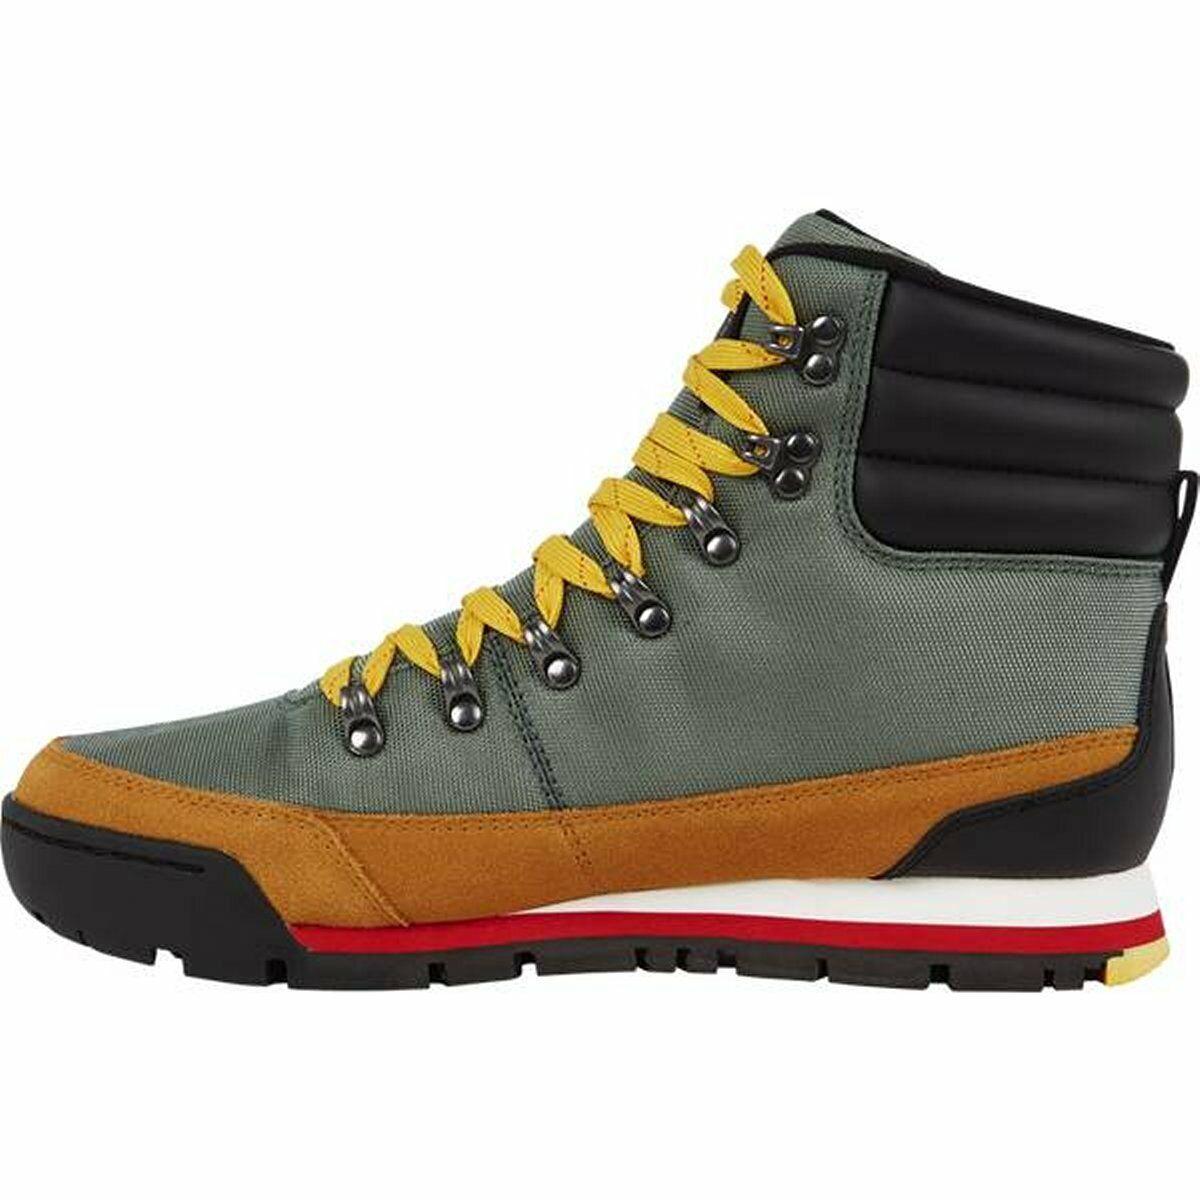 McKinley Herren Damen Walking Outdoor Wander Schuhe Heritage 1984 Mid 296452 900